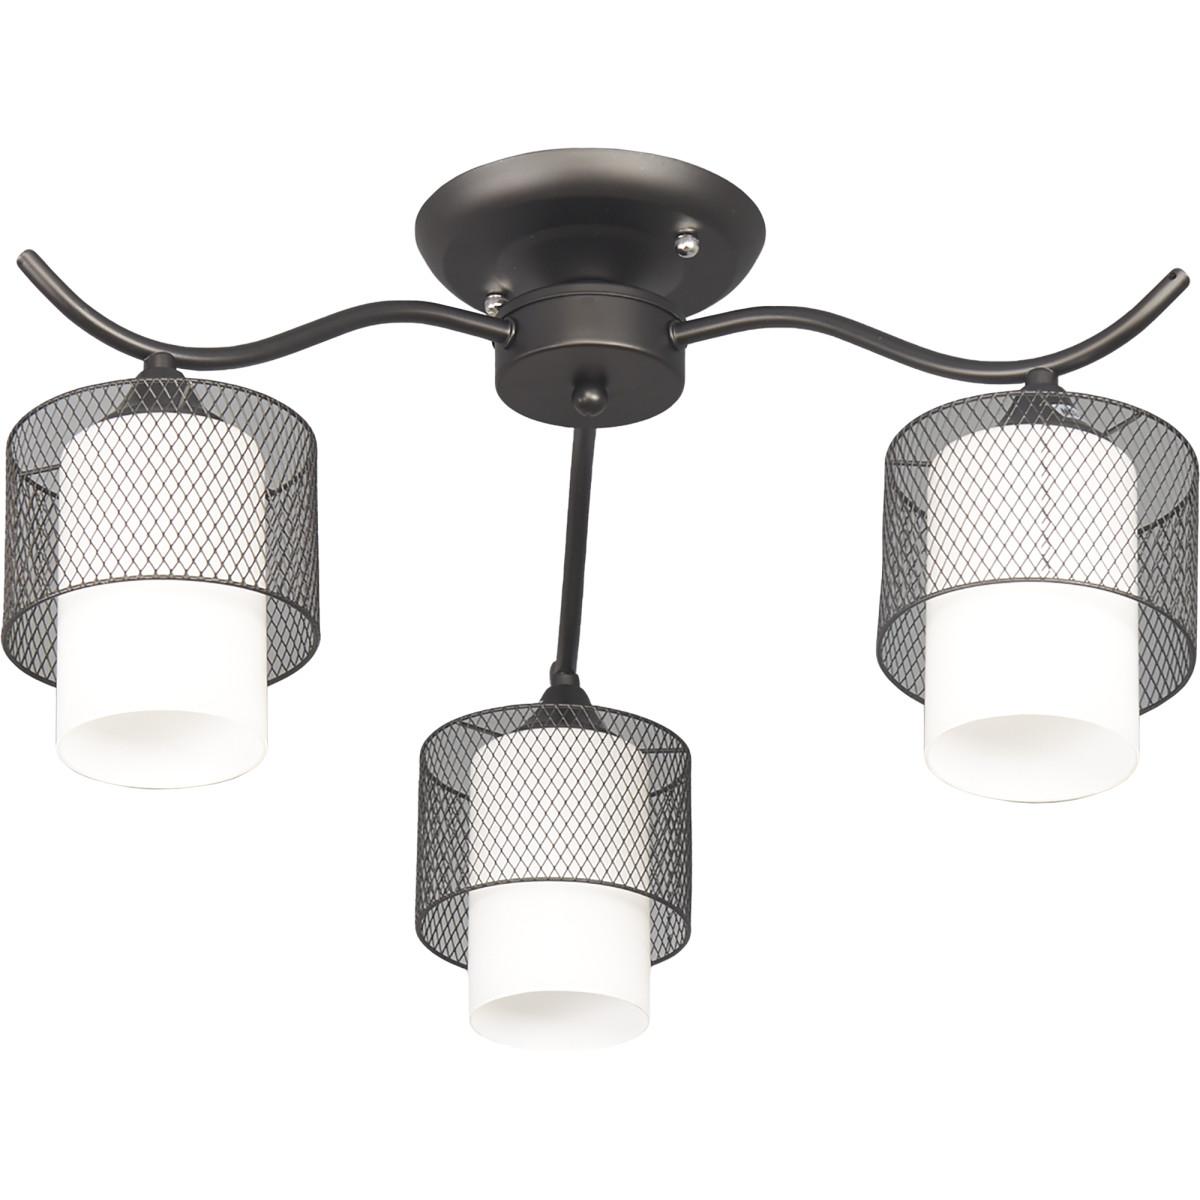 Люстра потолочная Element Fago 2346/3C 3 лампы 12 м² цвет черный